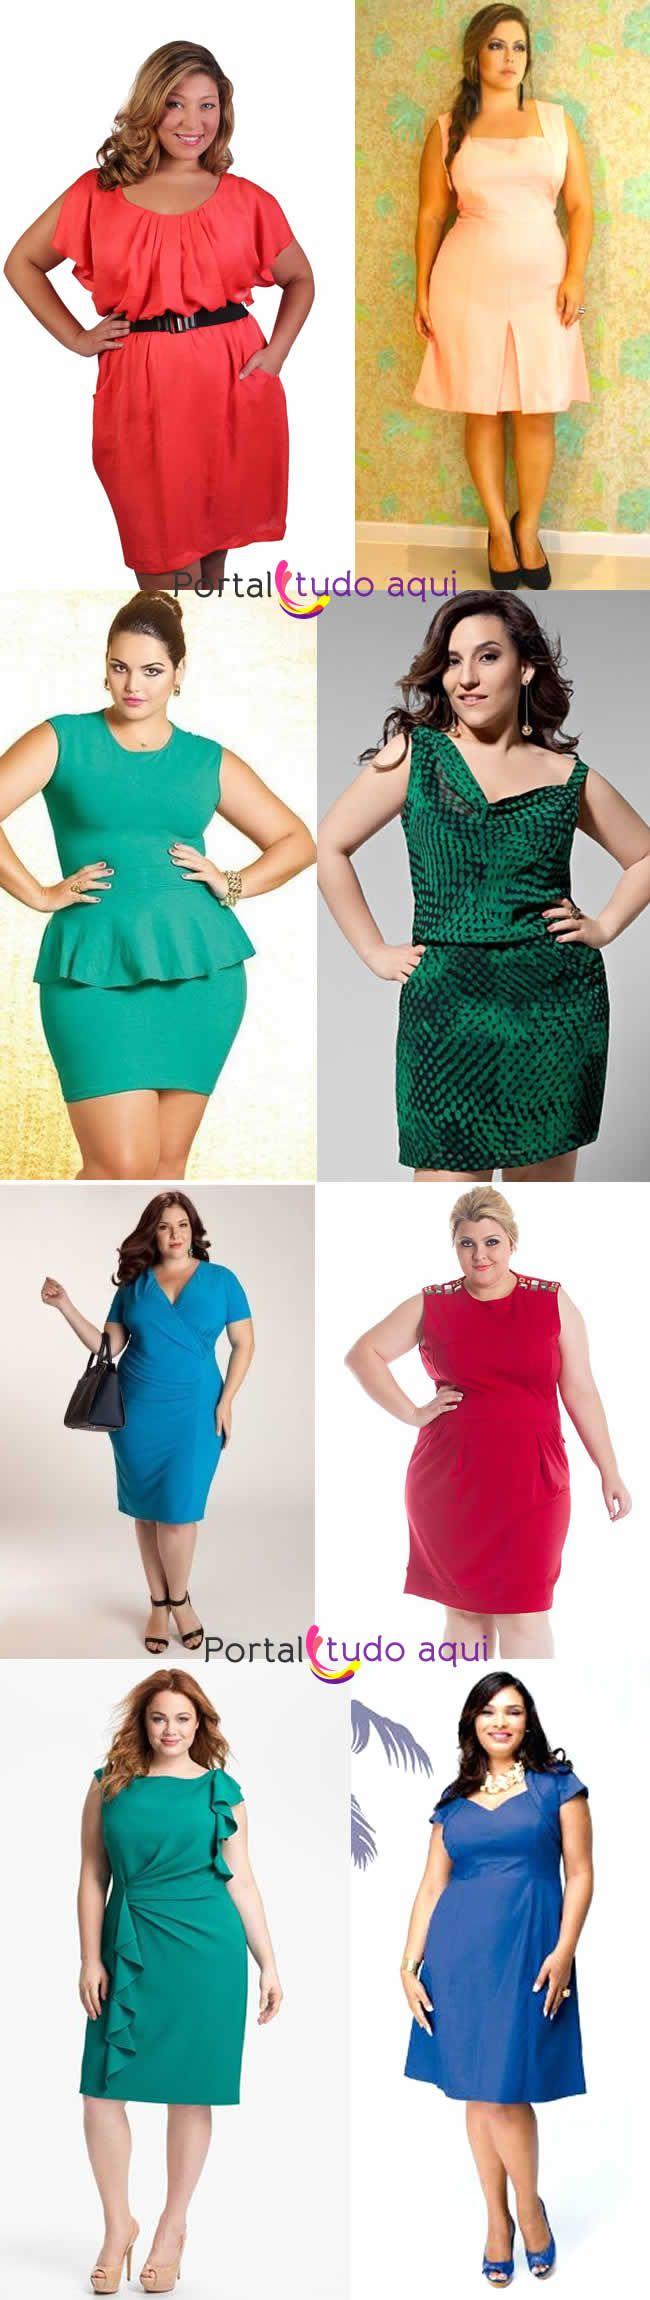 plus-size-roupa-de-ano-novo-vestido-colorido